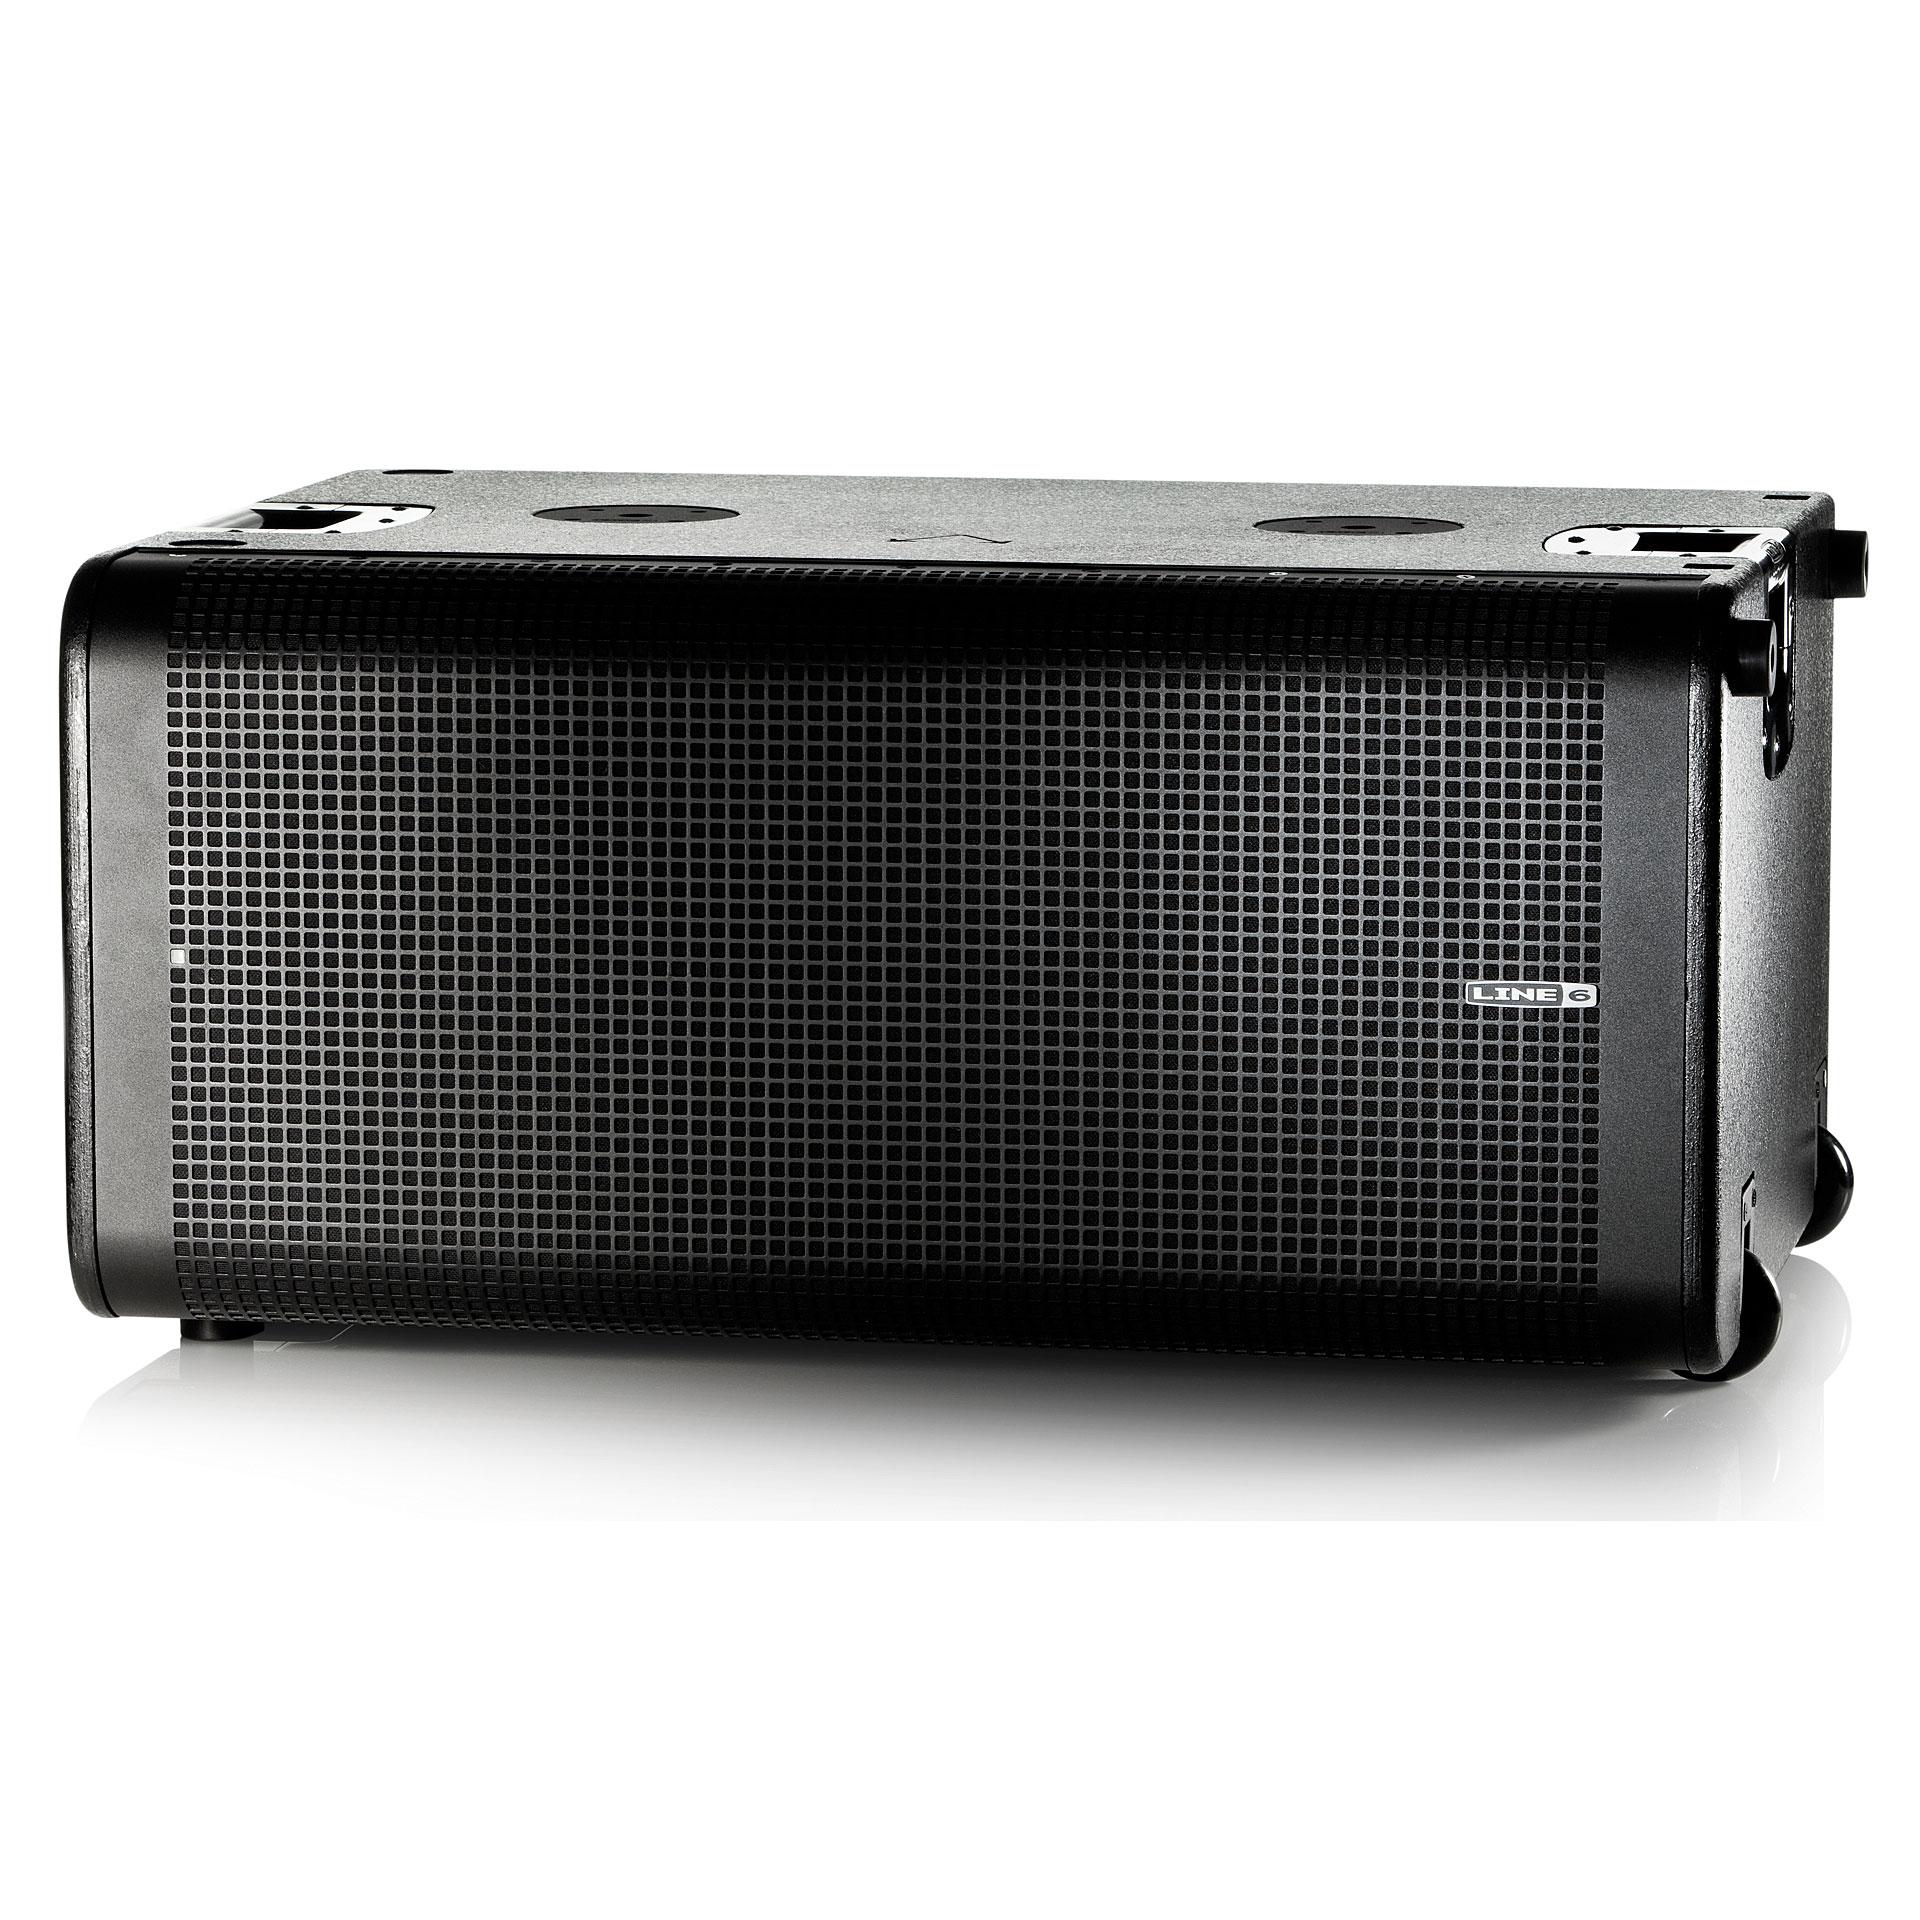 Line 6 Speakers : line 6 stagesource l3s active pa speakers ~ Russianpoet.info Haus und Dekorationen